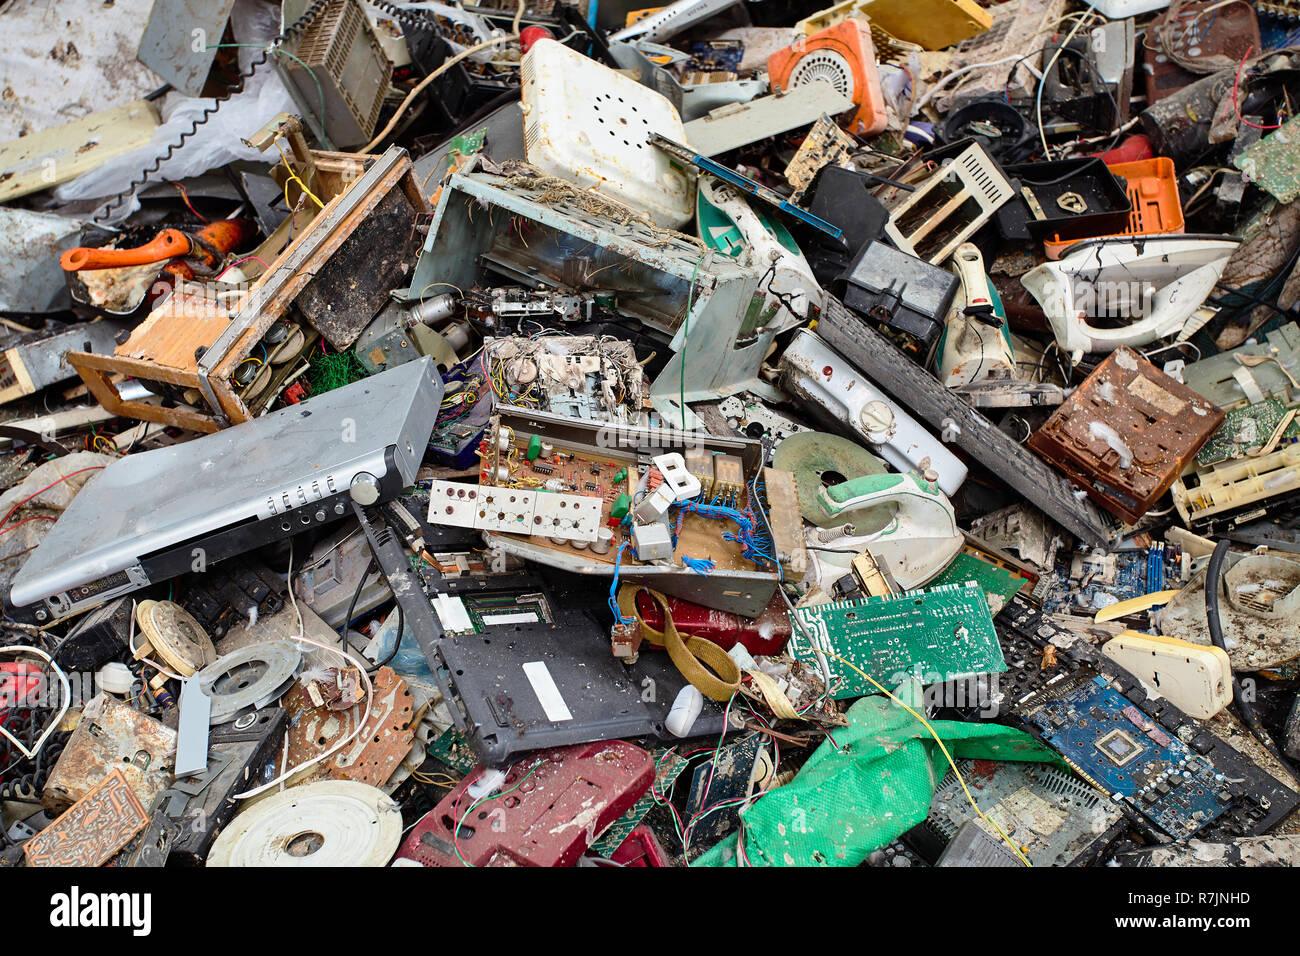 Moderna planta de clasificación de residuos y el reciclaje. Los residuos electrónicos está ordenado y preparado para el procesamiento ulterior de reutilización. Concepto de preservar el medio ambiente Imagen De Stock